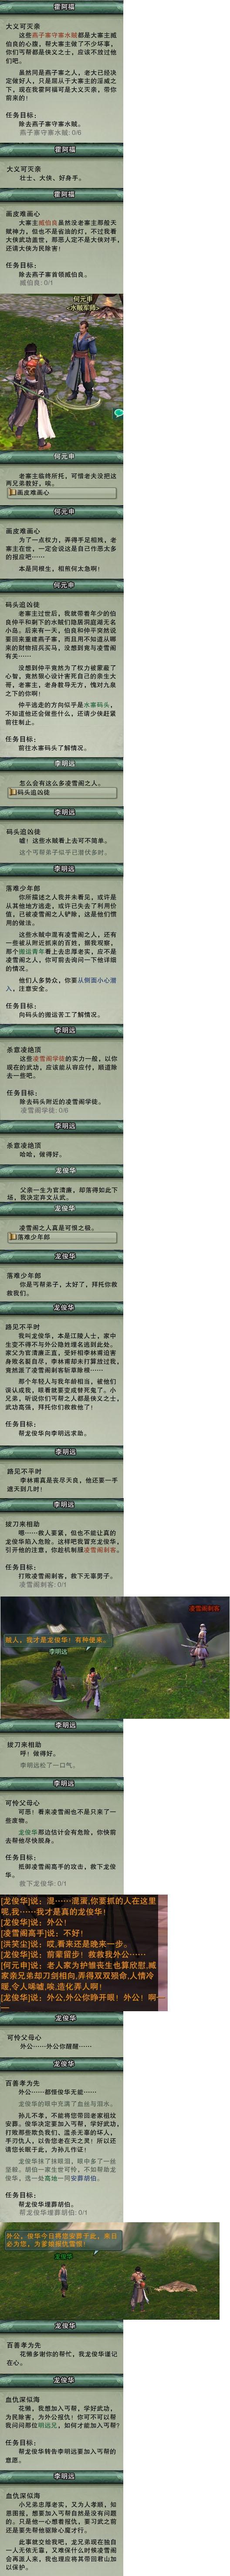 主线任务08 - 水寨码头 龙俊华.jpg